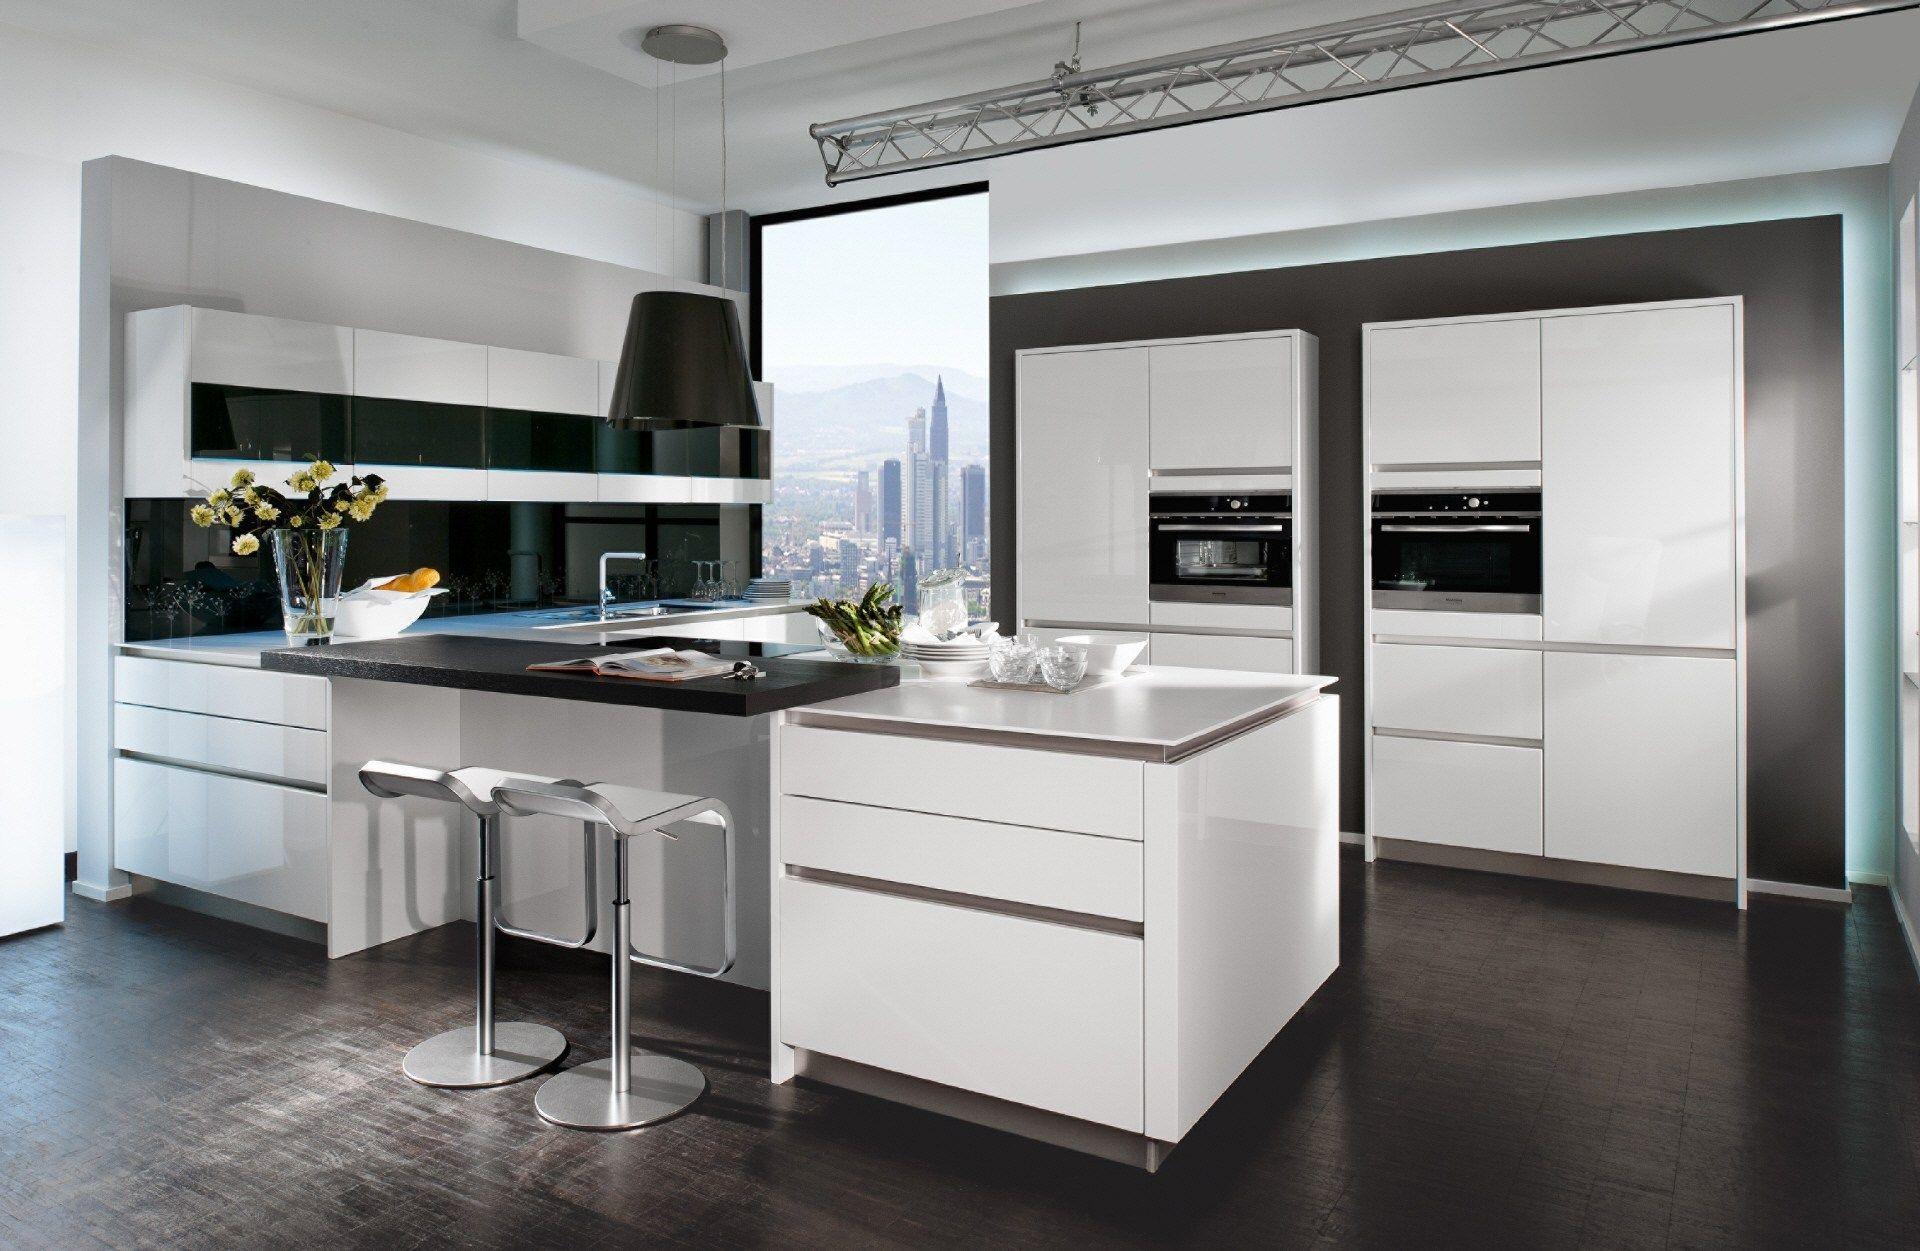 Moderne küchen möbel von Ergema auf Küche  Küchen design, Moderne